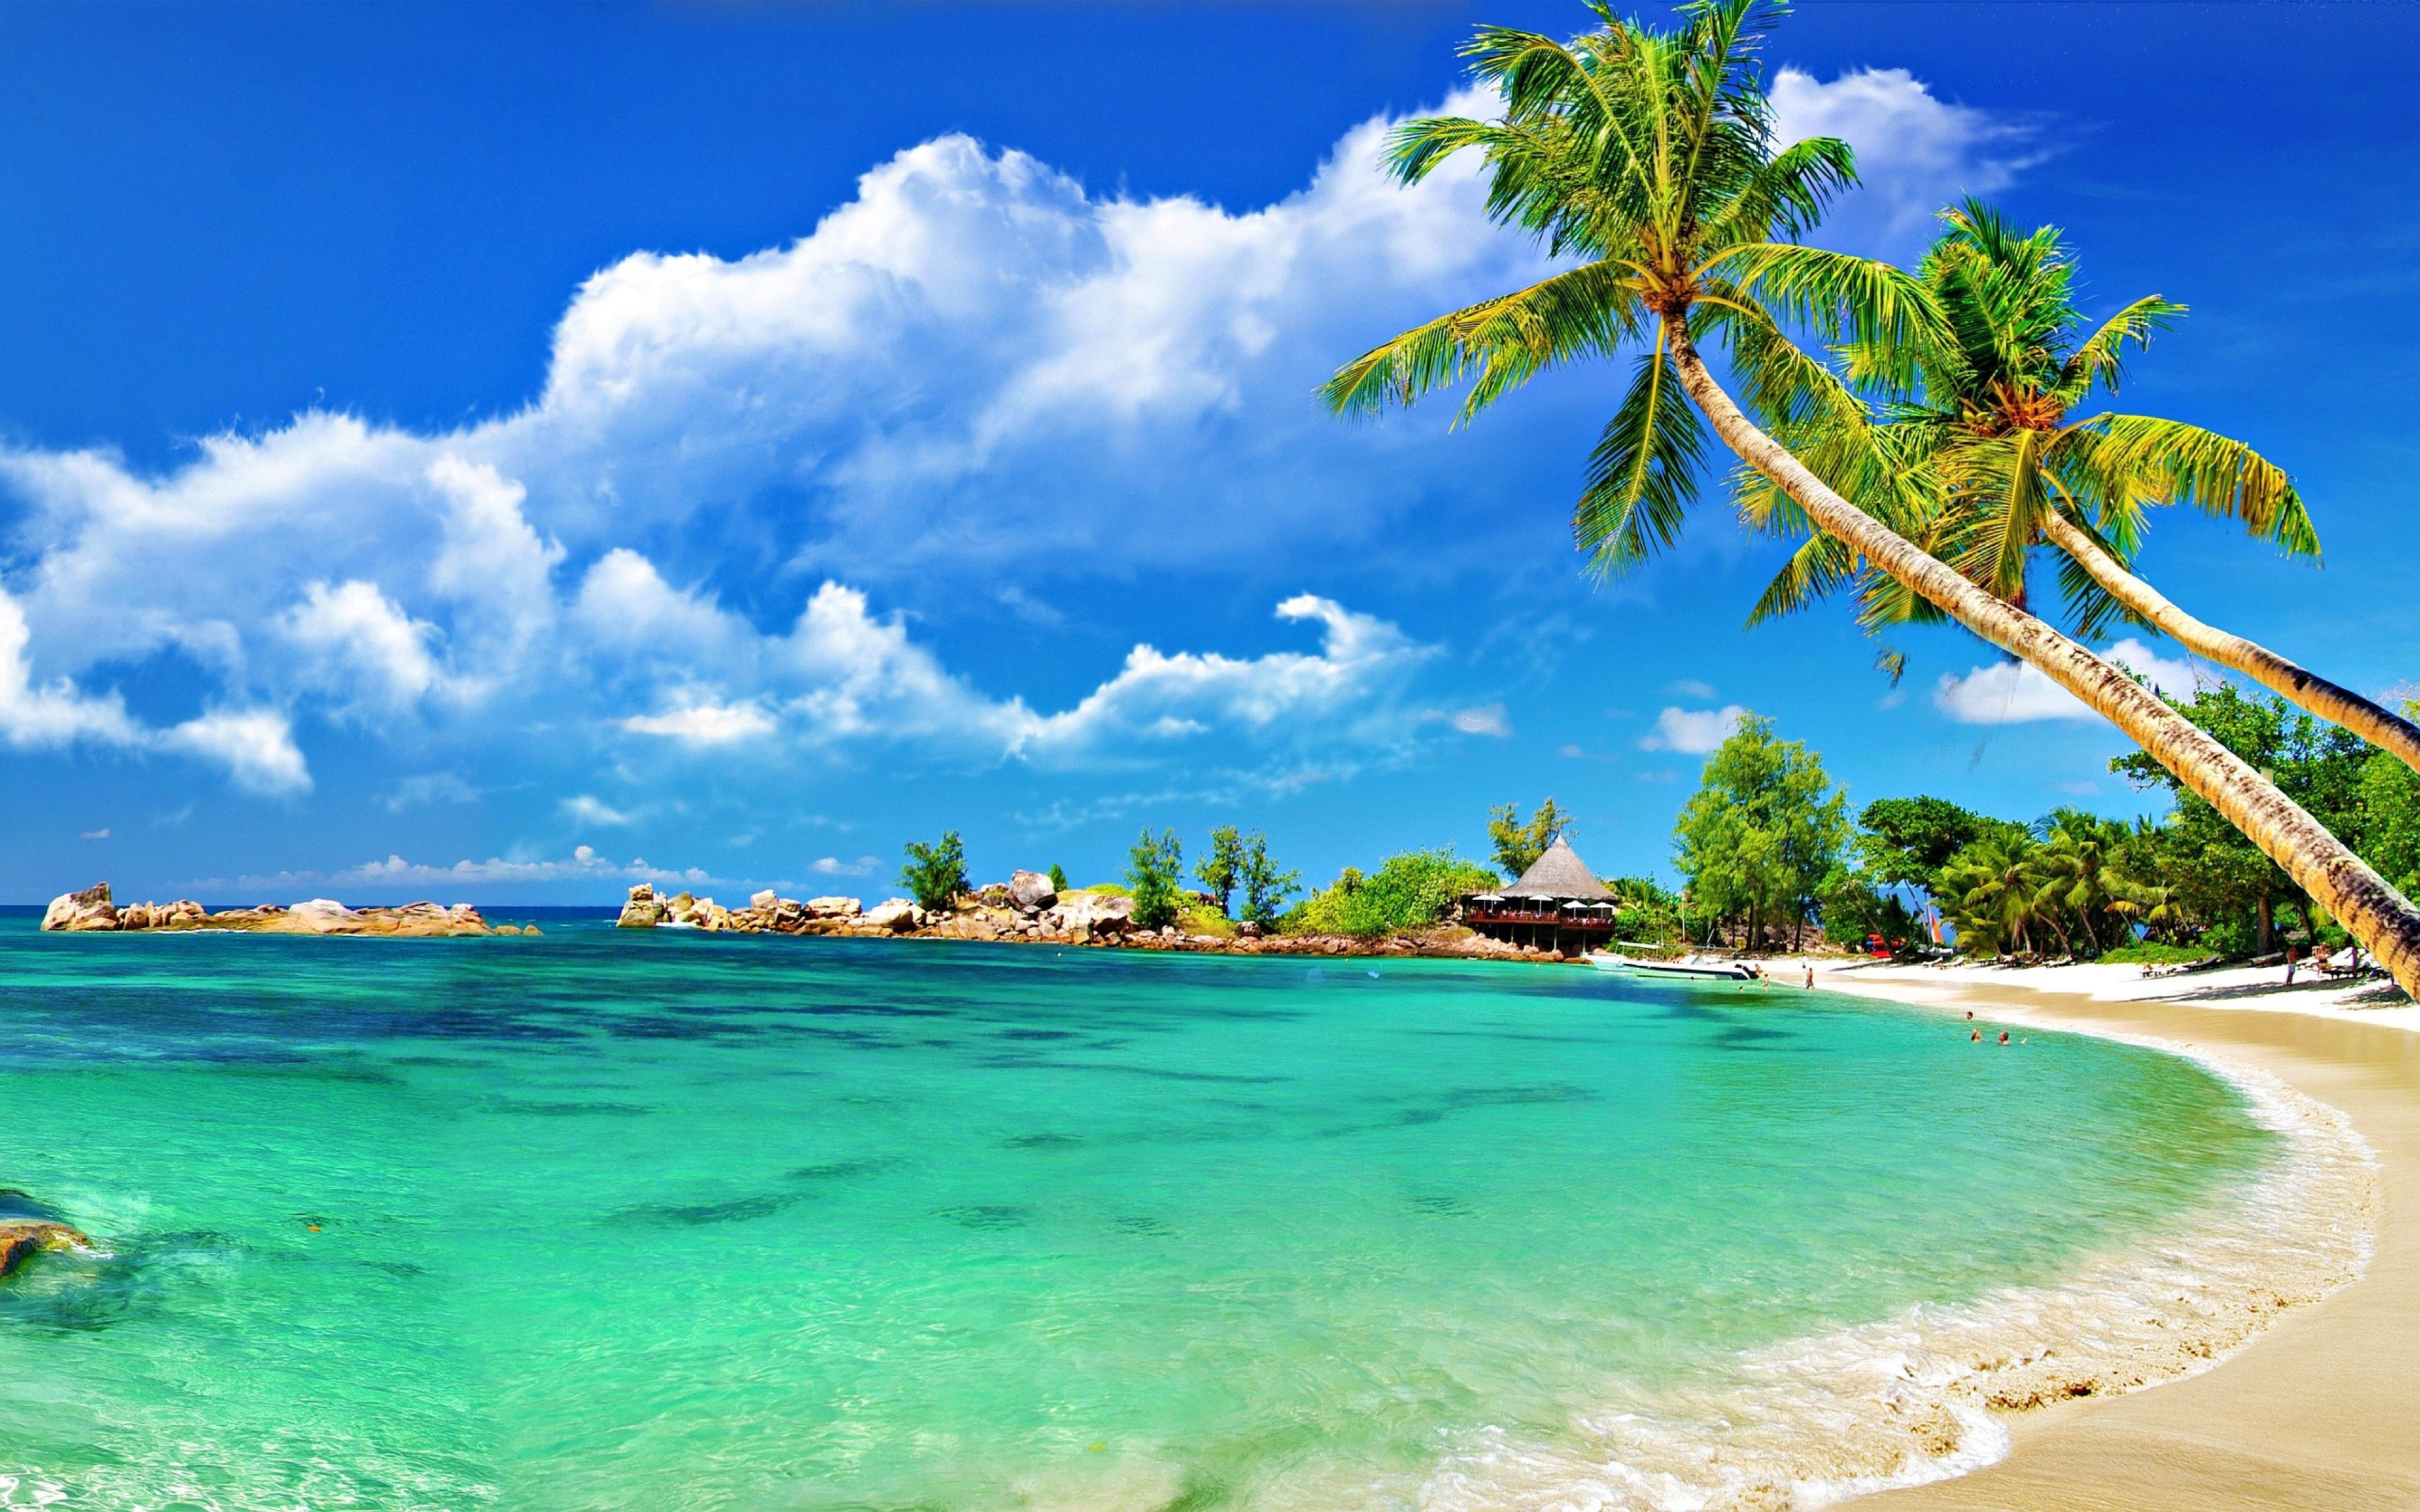 Island Tropical Beach 3840x2400